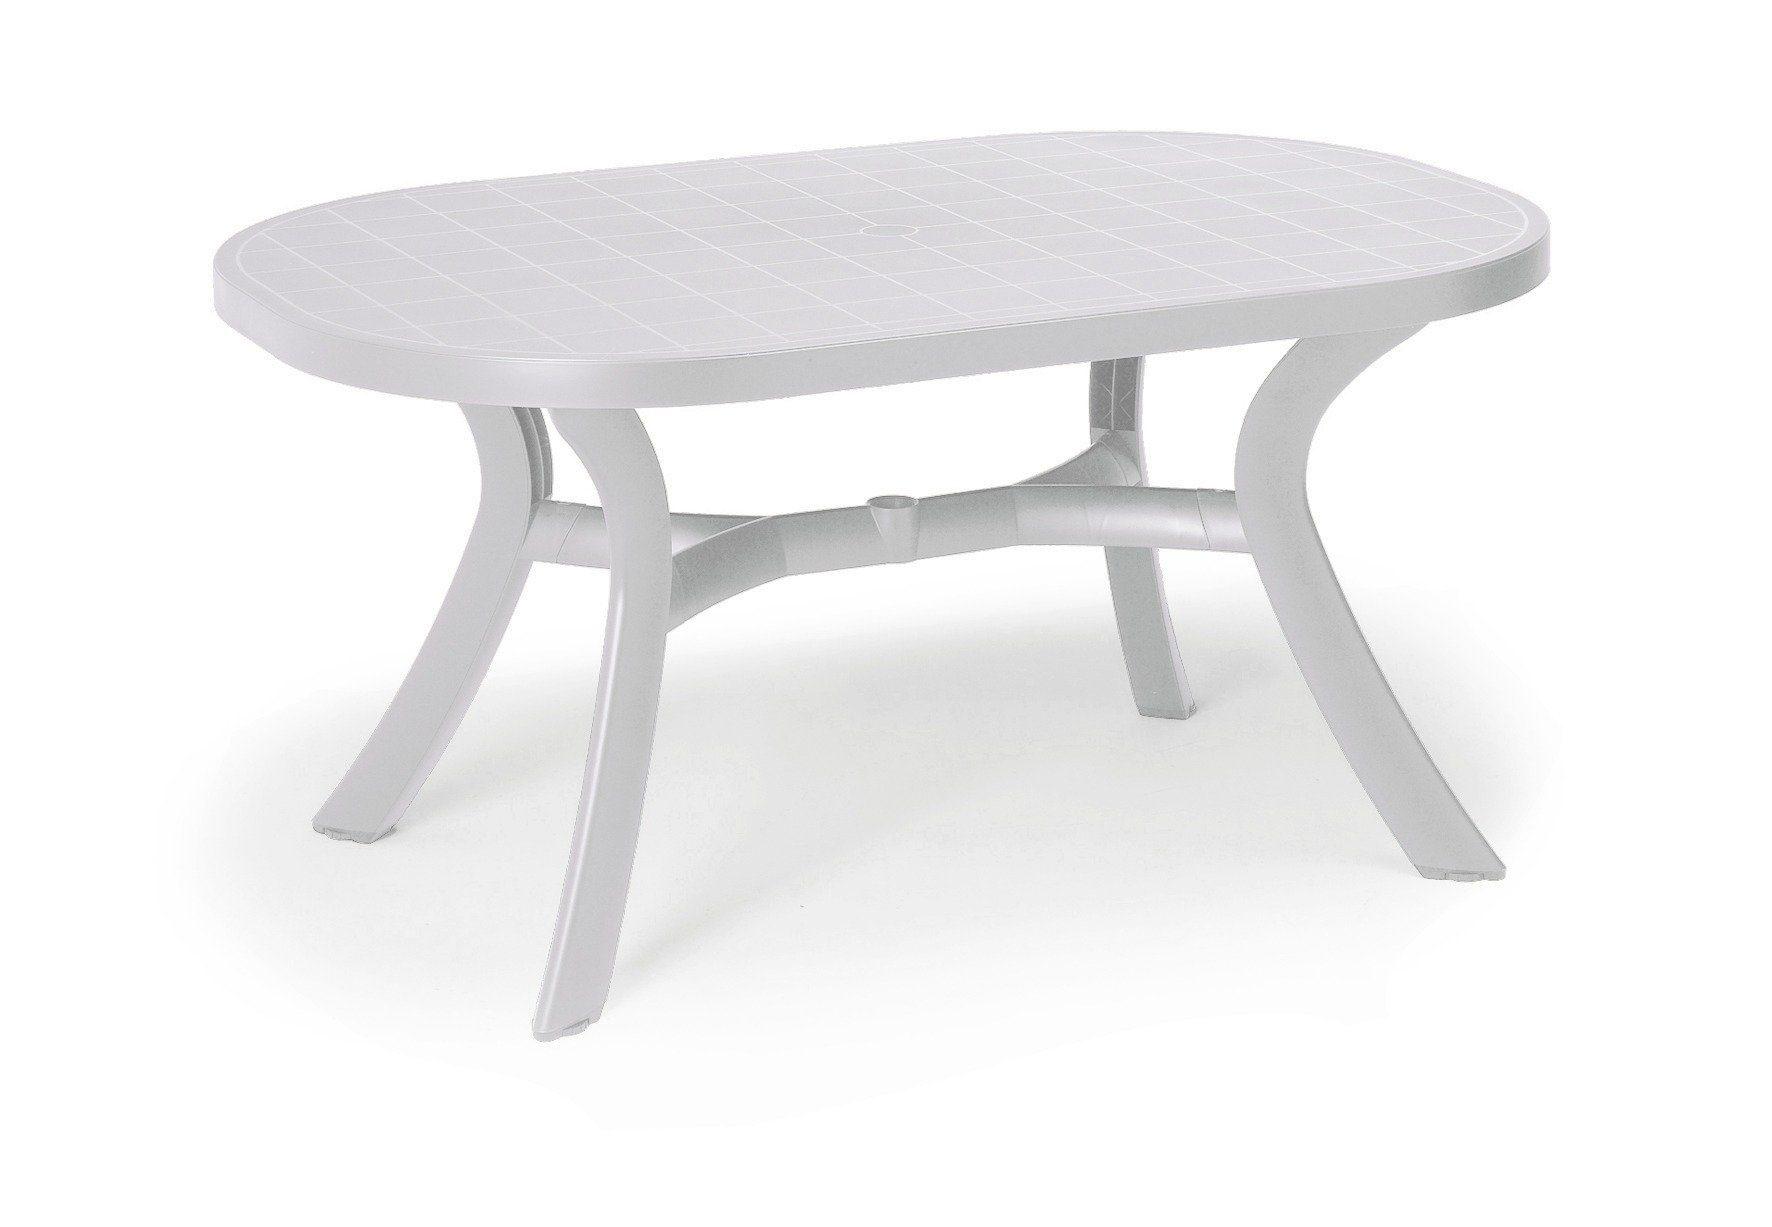 BEST Gartentisch »Kansas«, Kunststoff, 145x95 cm, weiß